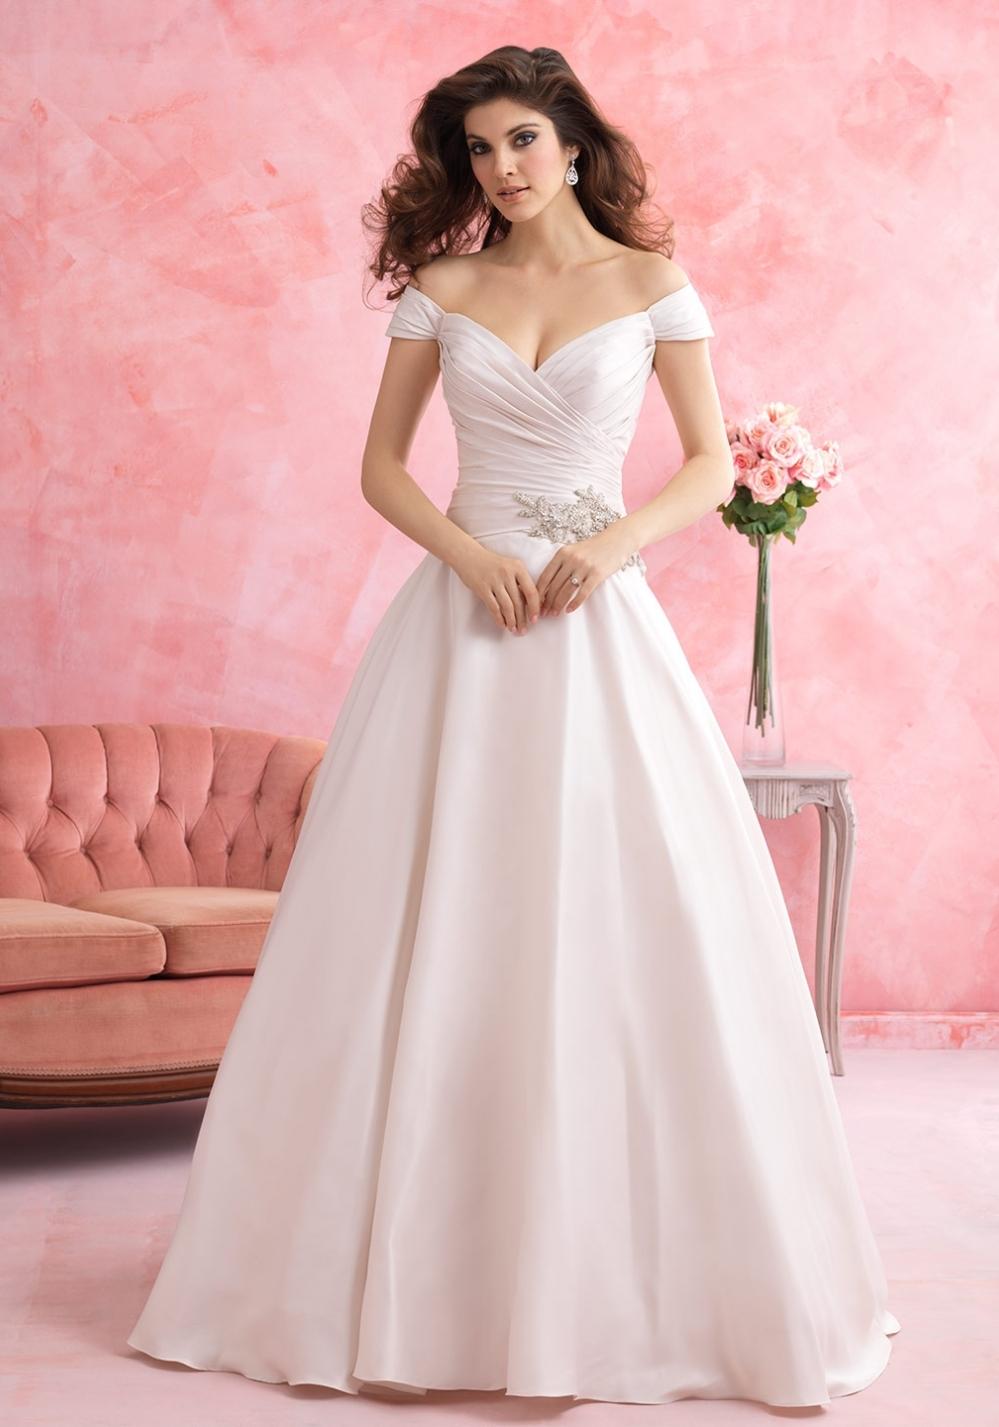 alllure-bridals-2801-1422890100290-999x1427